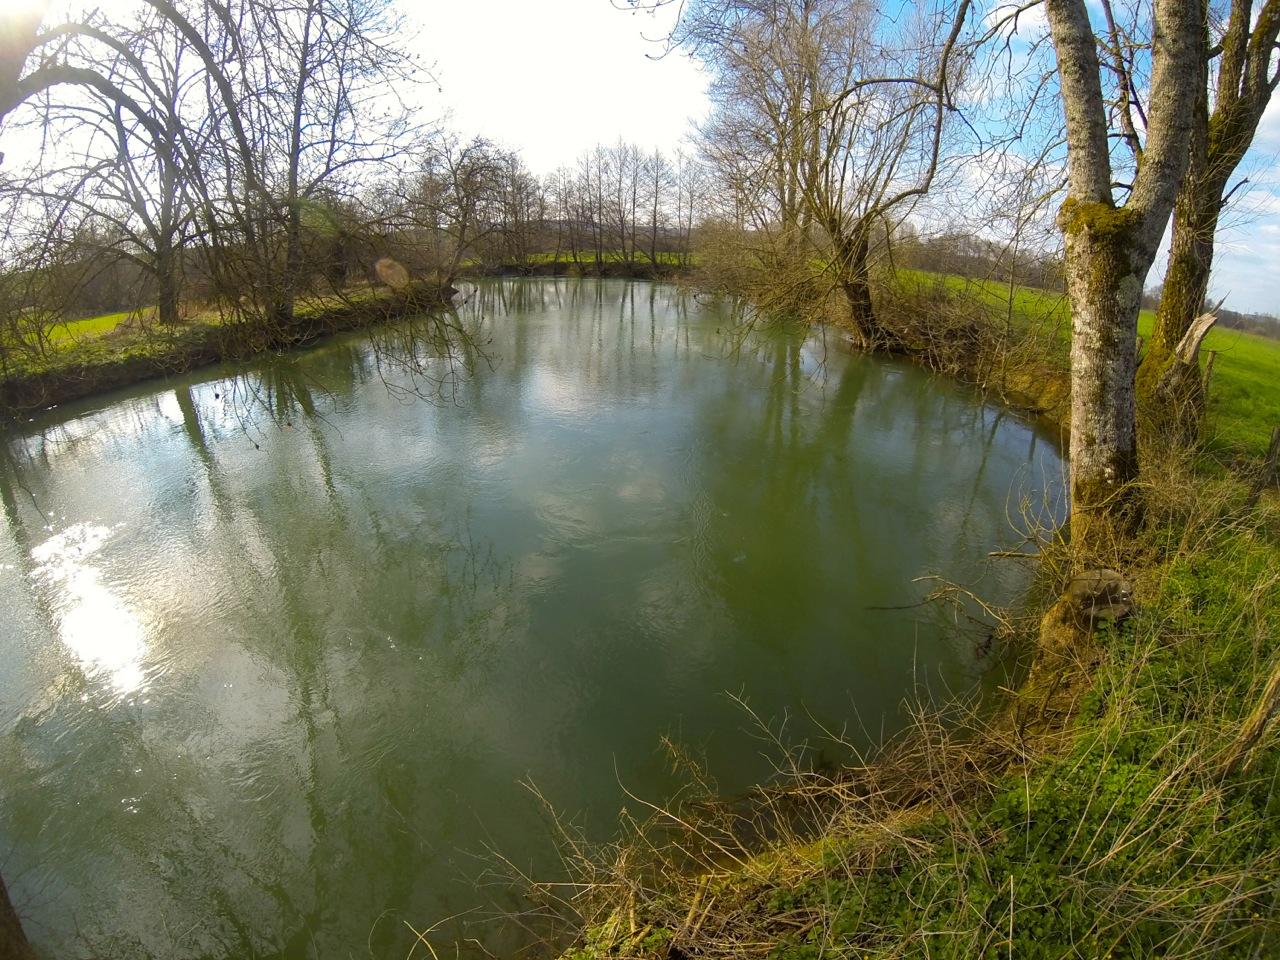 La Marne au repos que j'aime prospecter pour des poissons record